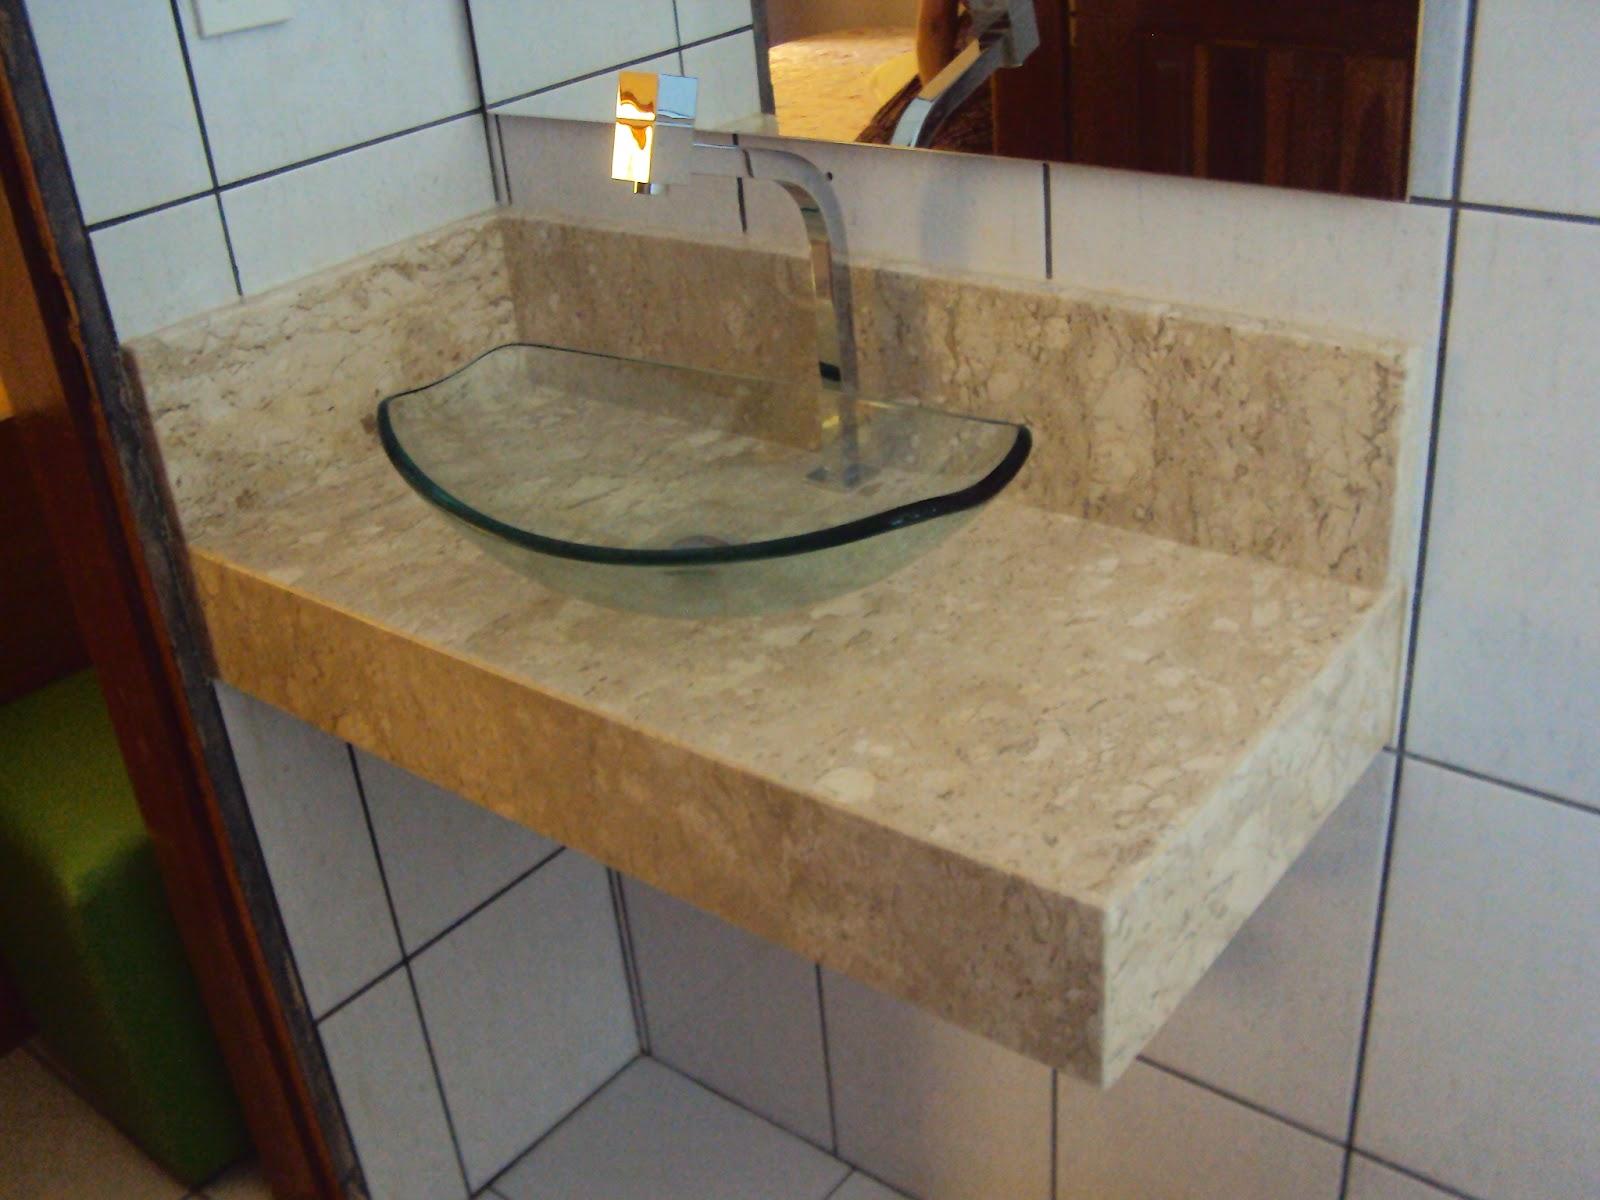 Lindo Lavatório em Mármore Bege Bahia combinação perfeita com cuba  #68492D 1600x1200 Banheiro Bancada Bege Bahia